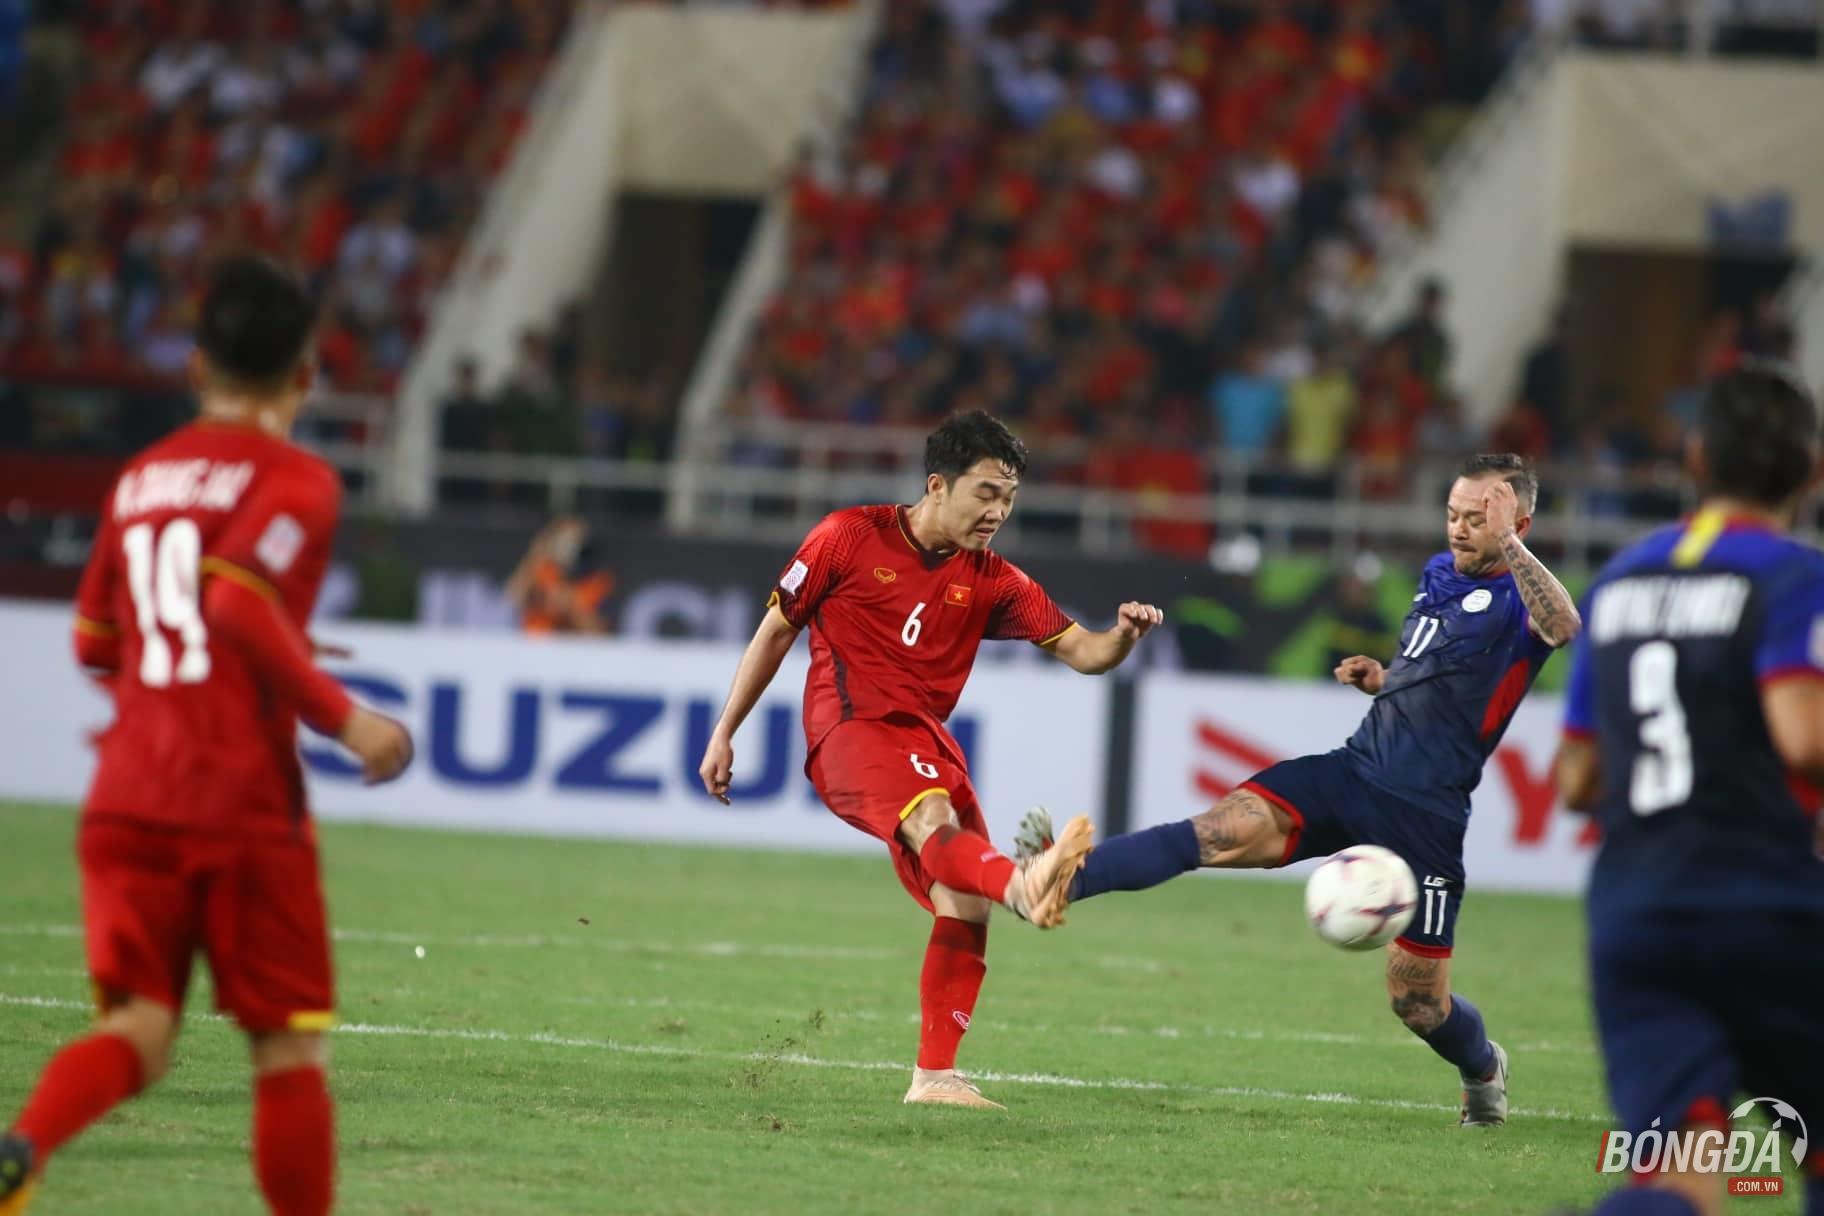 TRỰC TIẾP ĐT Việt Nam 0-0 ĐT Philippines: Xuân Trường rời sân - Bóng Đá